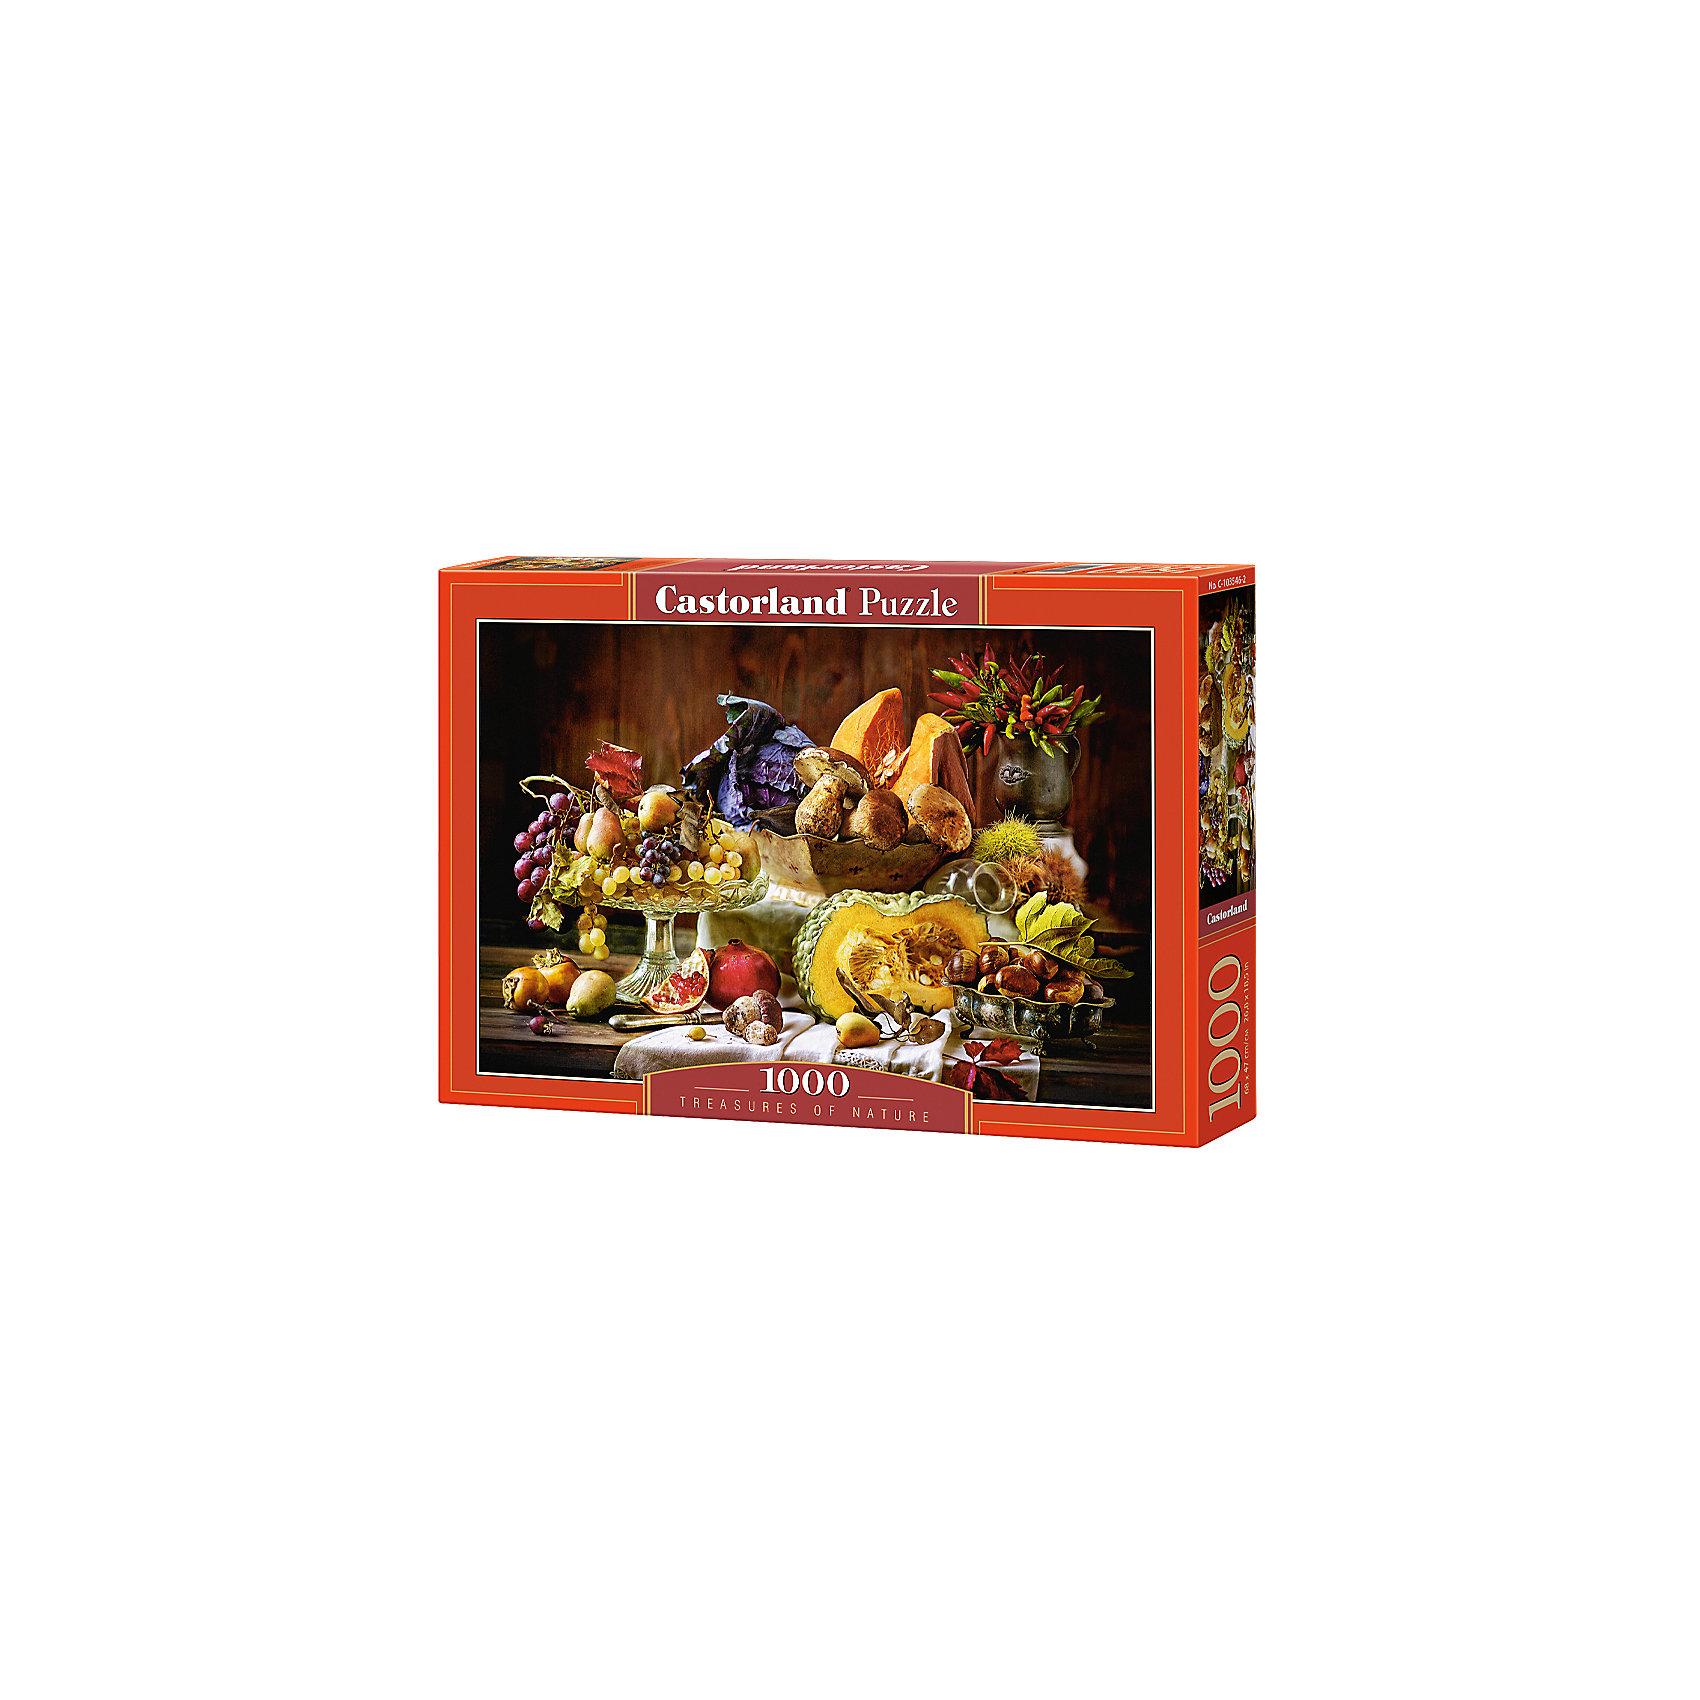 Пазл Дары природы, 1000 деталей, CastorlandКлассические пазлы<br>Характеристики:<br><br>• возраст: от 9 лет<br>• количество деталей: 1000 шт.<br>• размер собранного пазла: 68х47 см.<br>• материал: картон<br>• упаковка: картонная коробка<br>• размер упаковки: 35x5x25 см.<br>• вес: 500 гр.<br>• страна обладатель бренда: Польша<br><br>Пазл «Дары природы» предназначен для сборки детьми среднего и старшего возраста и, конечно, для взрослых. Пазл «Дары природы» - это насыщенные цвета, обилие художественных деталей и интересная сюжетная картина. На картине изображен стол, уставленный яствами: виноград и груши лежат в старинной вазе на высокой ножке, лукошко наполнено грибами и кусочками тыквы, на заднем плане виден кувшин с красными и желтыми стручками перца, со стола спускается вышитое полотенце, на котором лежат кусочки граната, грибы и хурма.<br><br>Пазл Дары природы, 1000 деталей, Castorland (Касторленд) можно купить в нашем интернет-магазине.<br><br>Ширина мм: 350<br>Глубина мм: 250<br>Высота мм: 50<br>Вес г: 500<br>Возраст от месяцев: 108<br>Возраст до месяцев: 2147483647<br>Пол: Унисекс<br>Возраст: Детский<br>SKU: 6725069